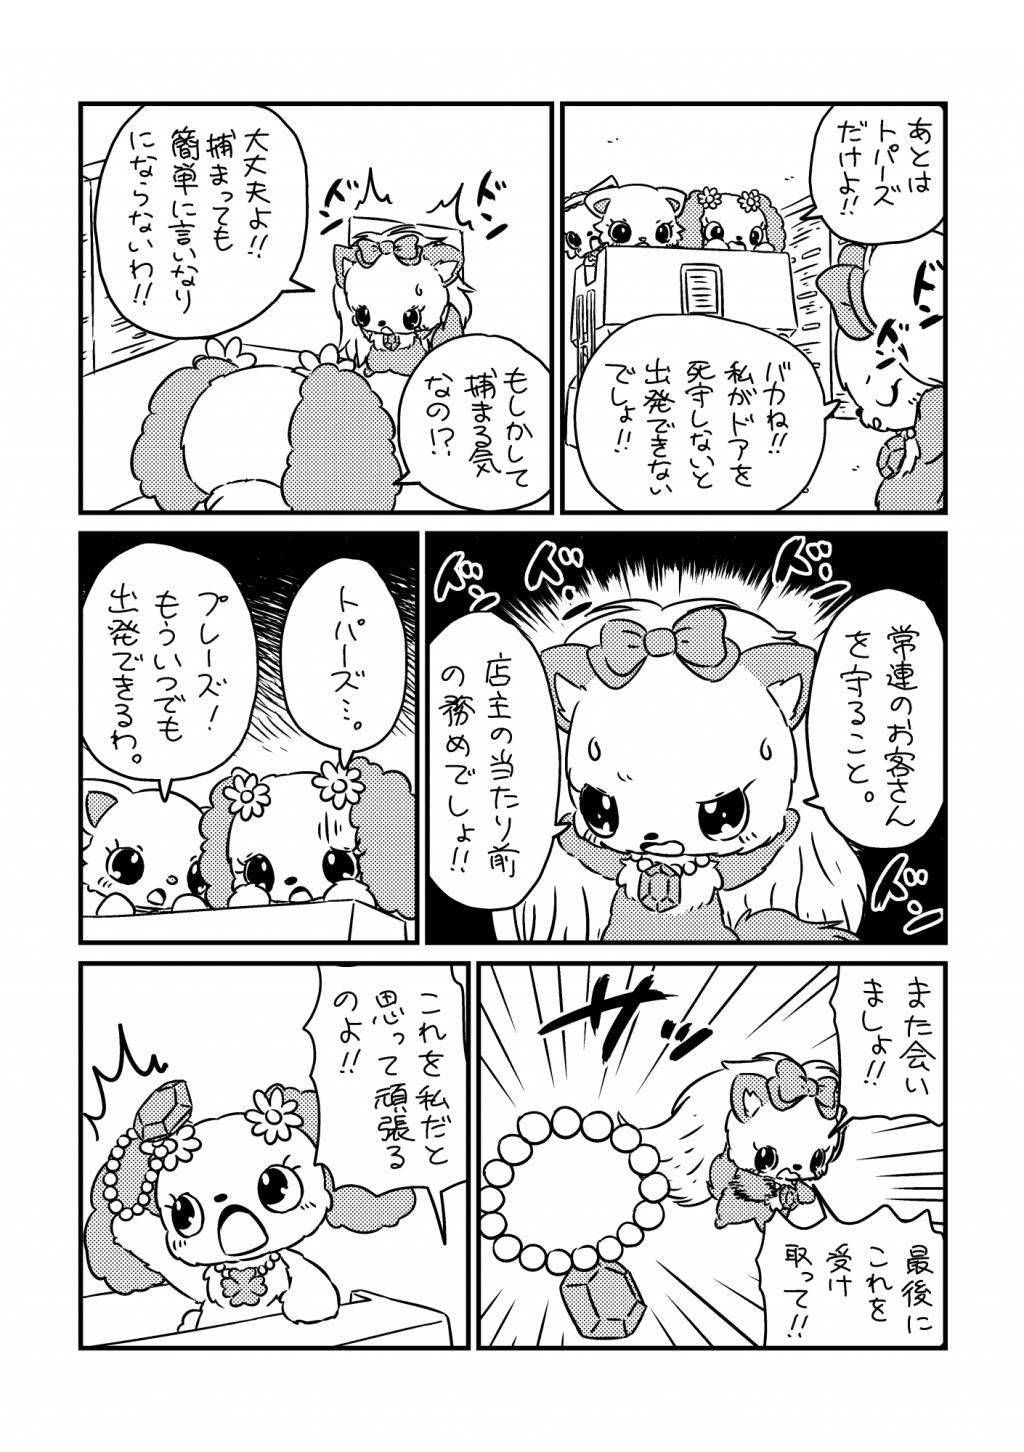 プレーズ ひみつのけんきゅうしつにせんにゅう! (6ページ)